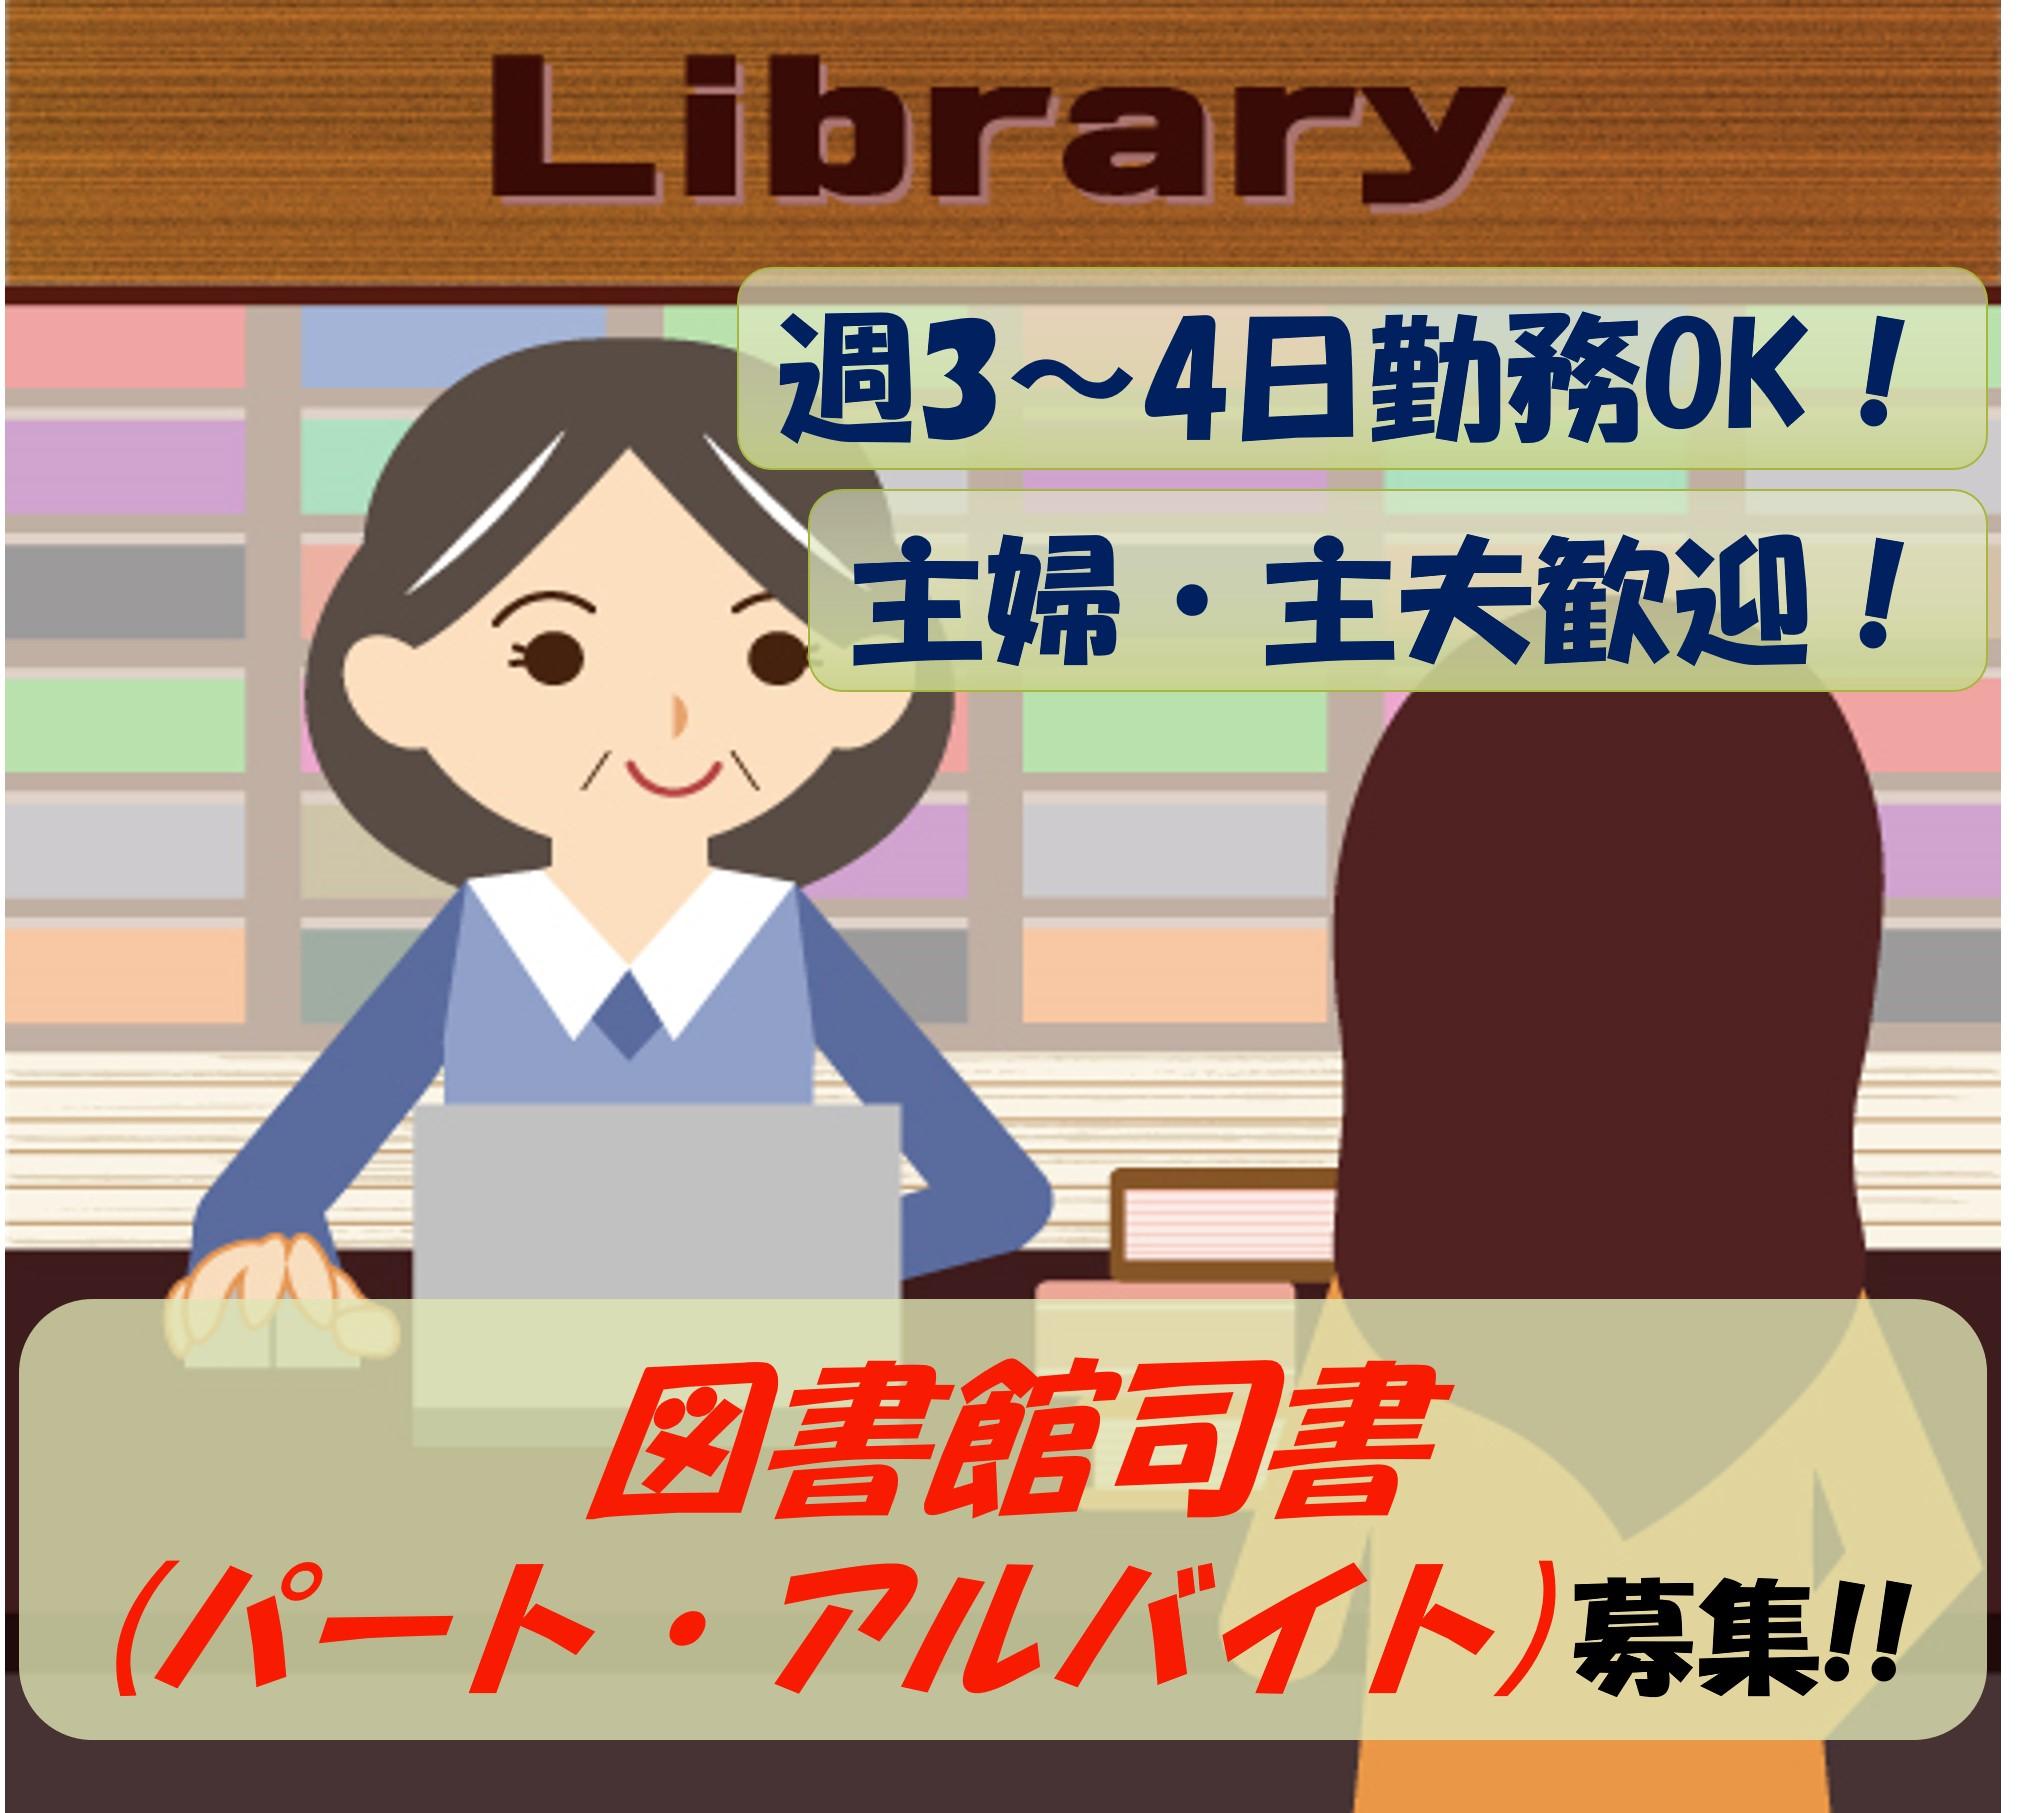 【急募】資格や経験活かせます!主婦・主夫歓迎!図書館司書/窓口業務 イメージ